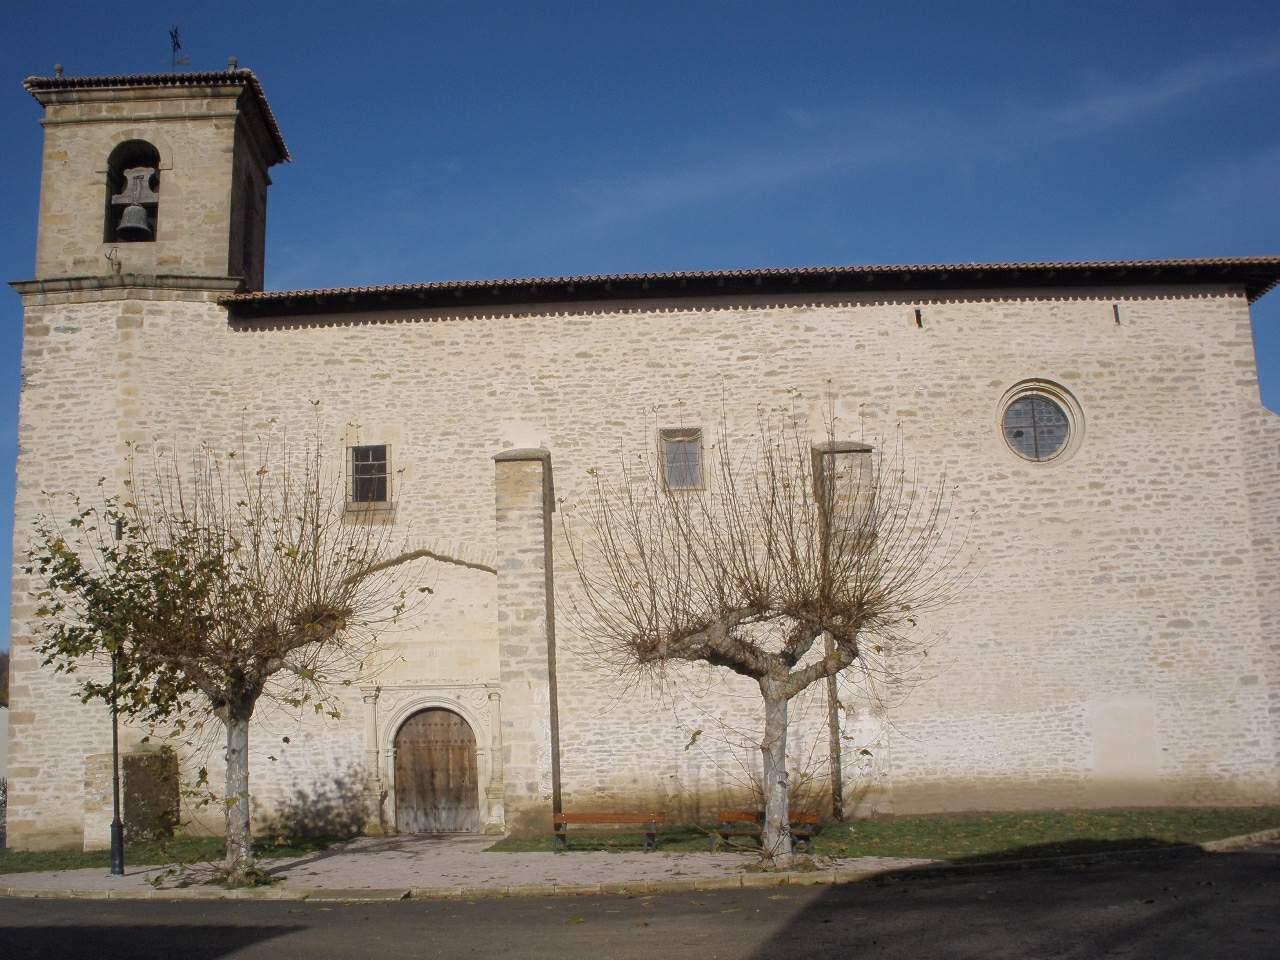 Villafranca (Alava)